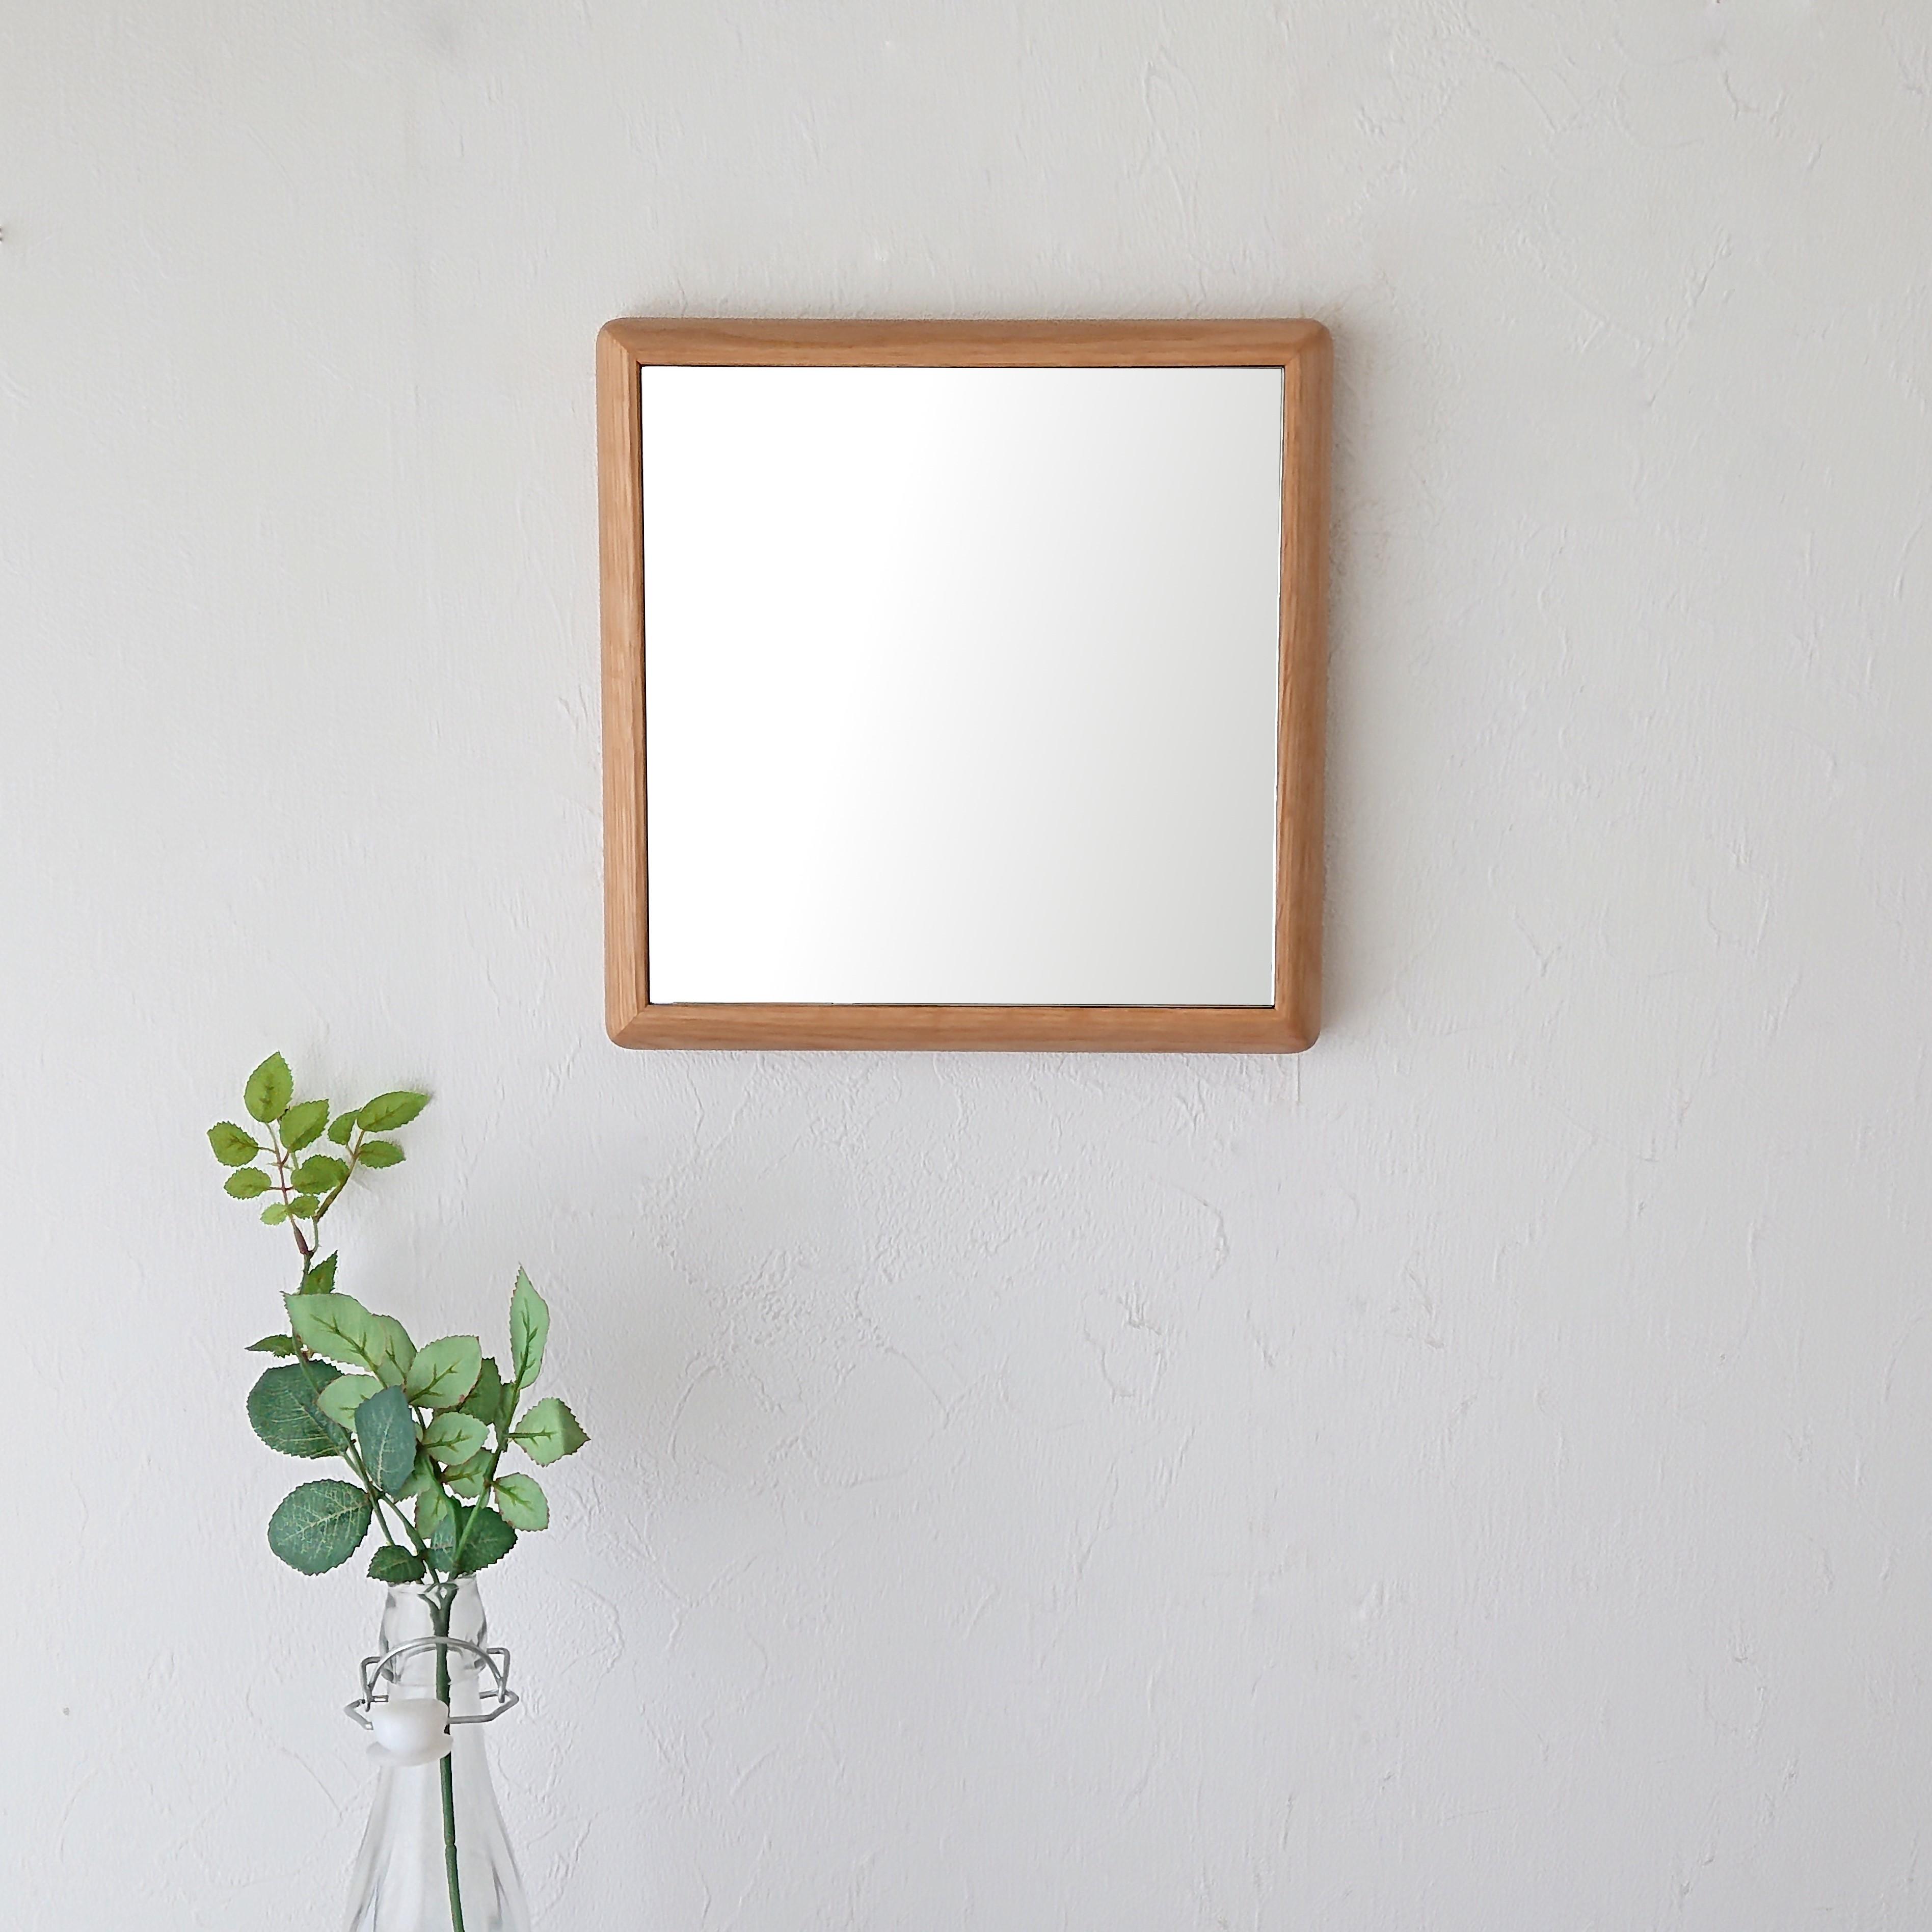 ステラ 27x27cm ホワイトオーク材 壁掛けミラー 卓上ミラー 正方形 (通常便商品)